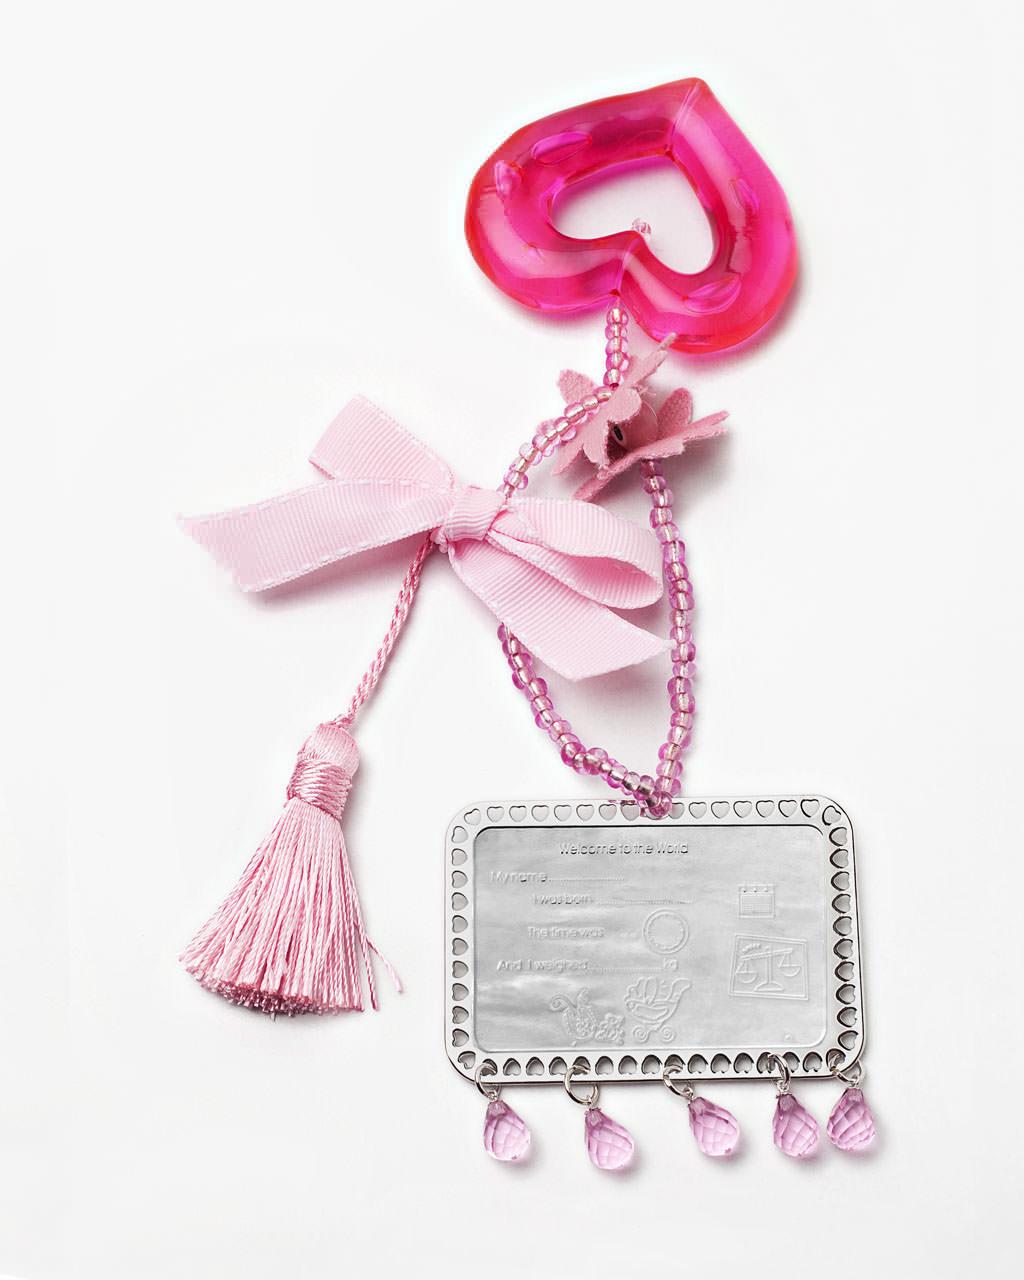 Γούρι για νεογέννητο με Κρύσταλλα   δωρα παιδικά γούρια   δώρα